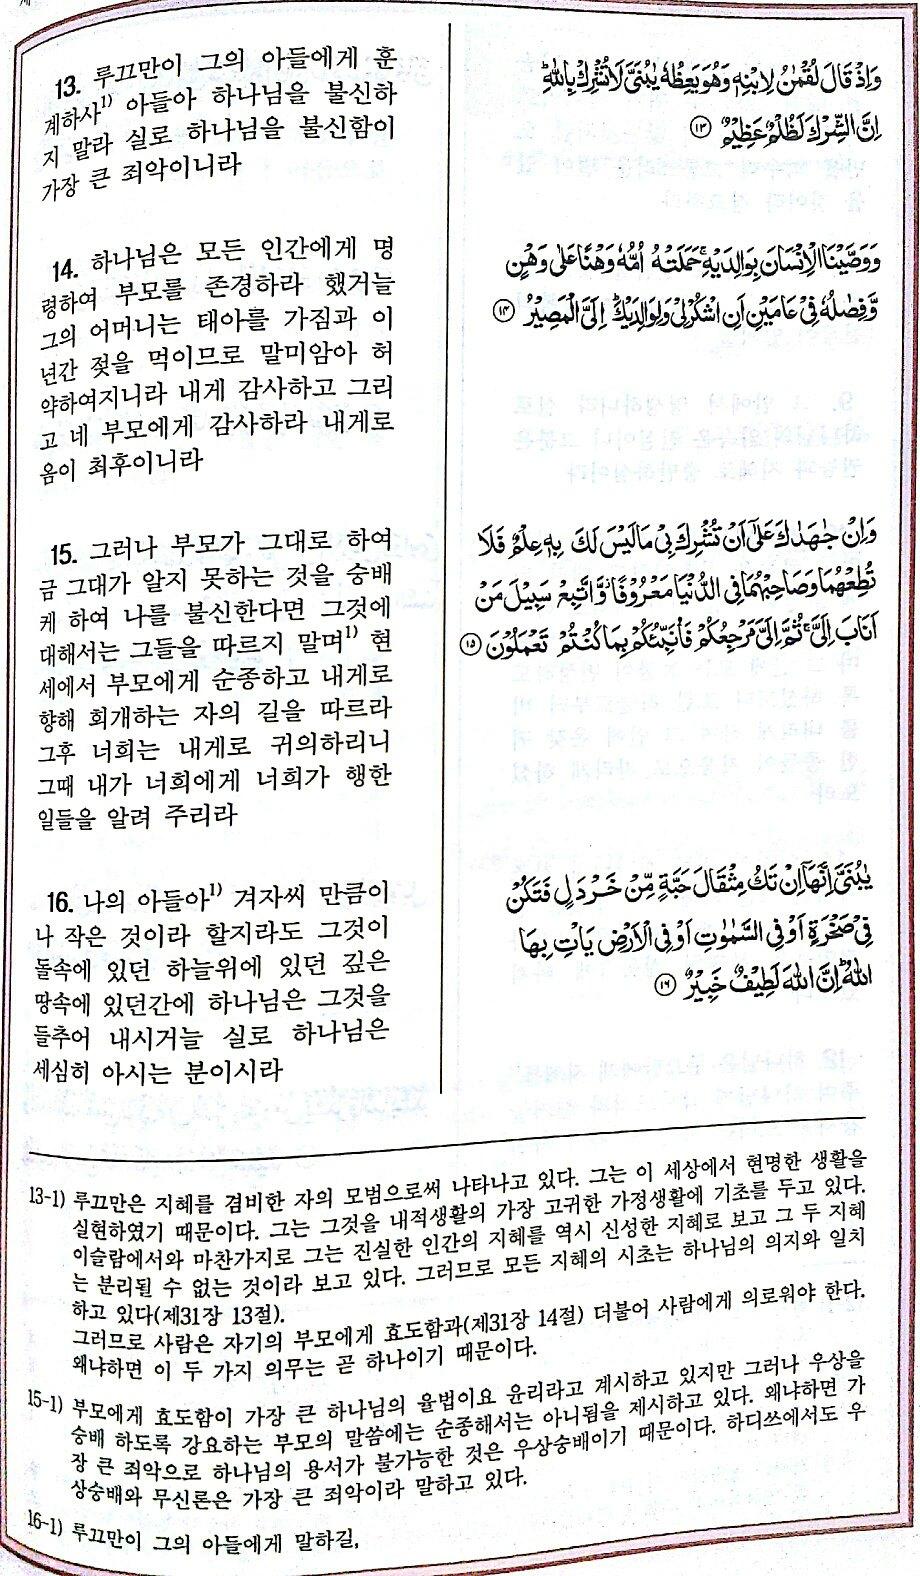 quran_korea_luqman